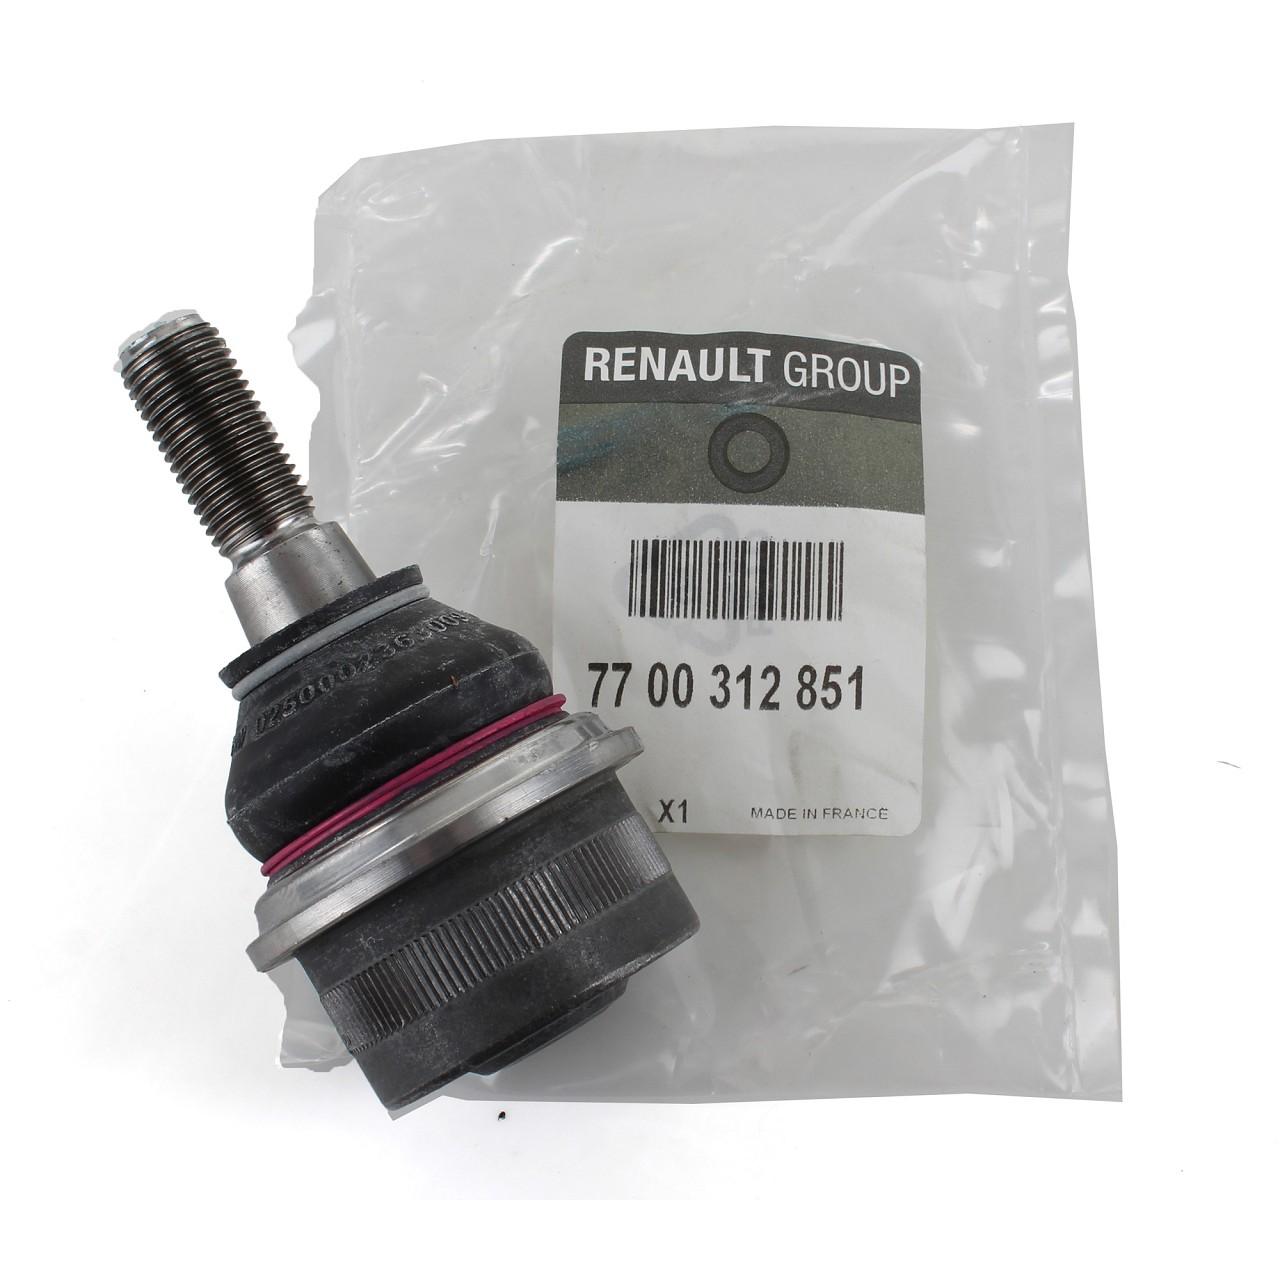 ORIGINAL Renault Traggelenk Führungsgelenk Master II vorne oben 7700312851